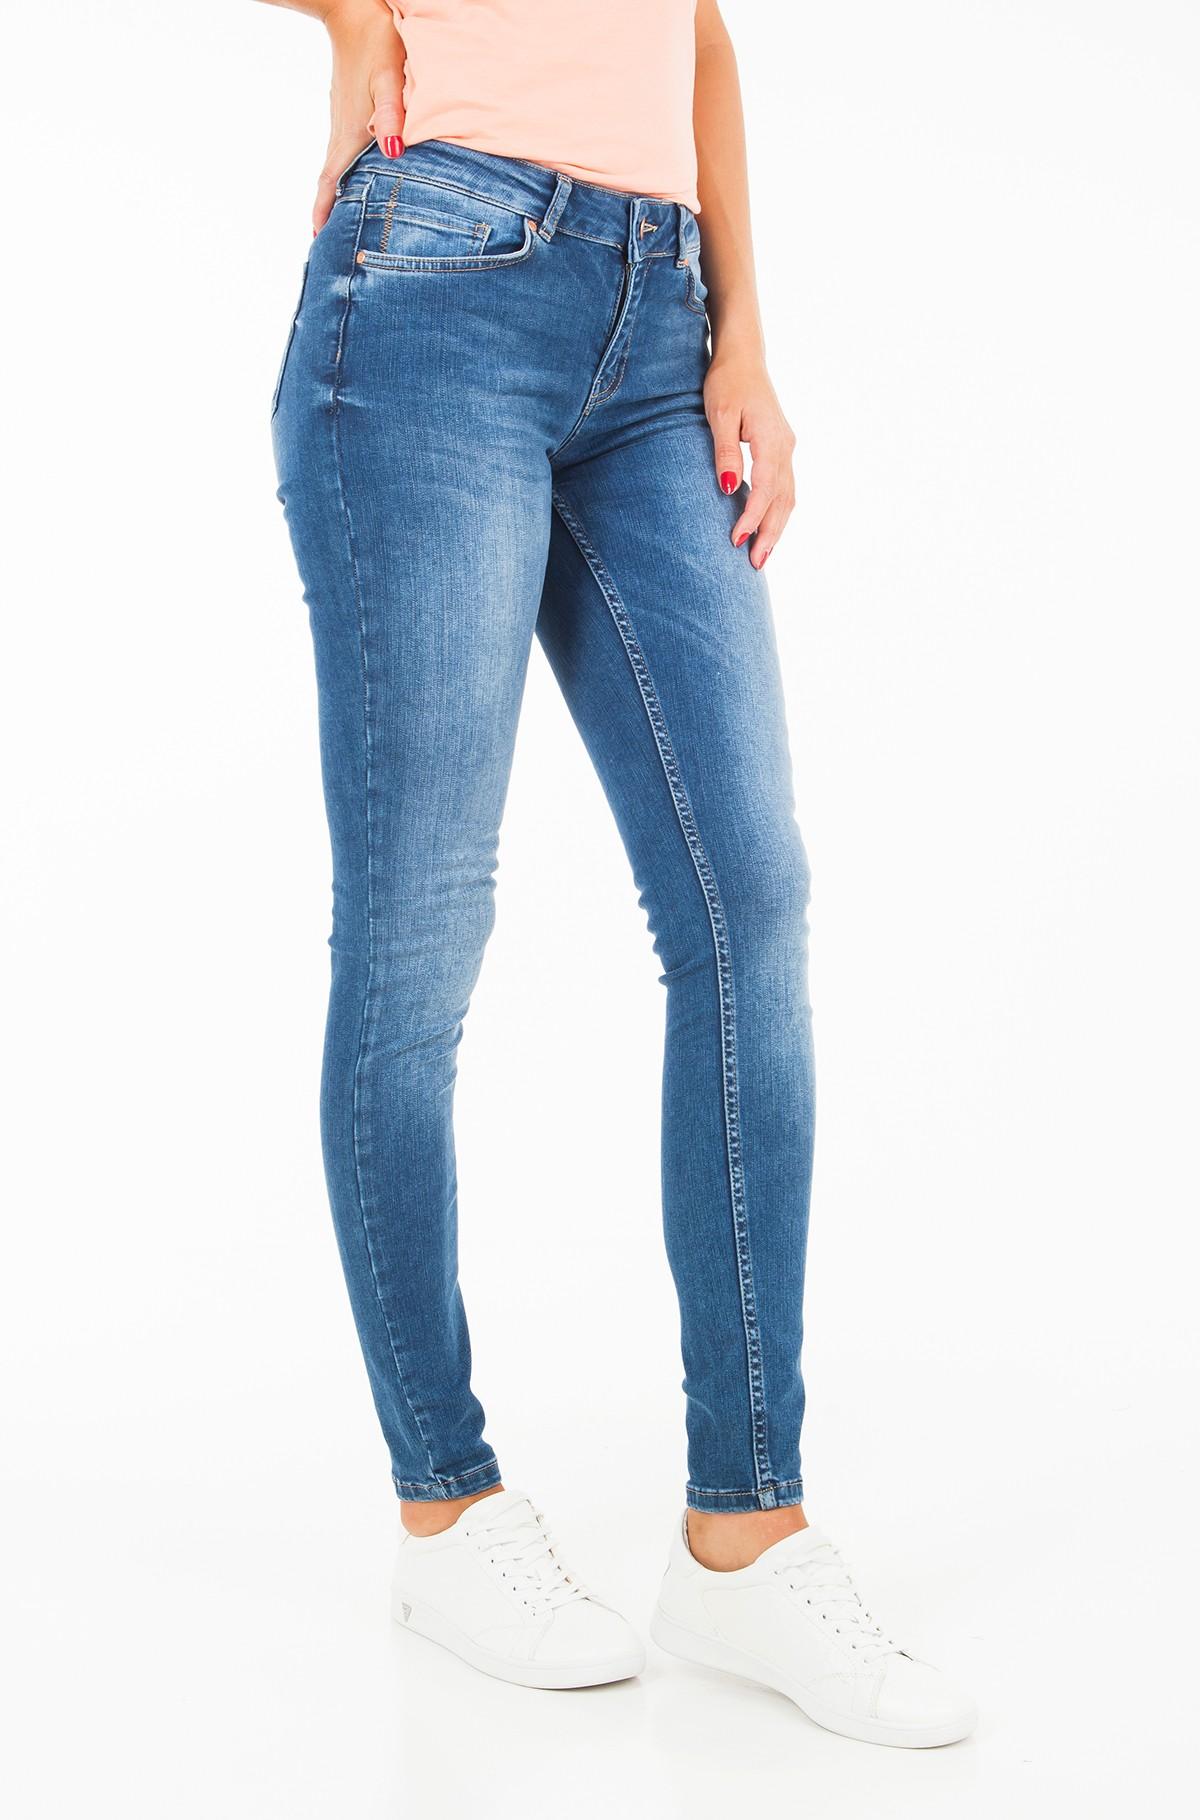 Jeans Janika 01 skinny-full-1